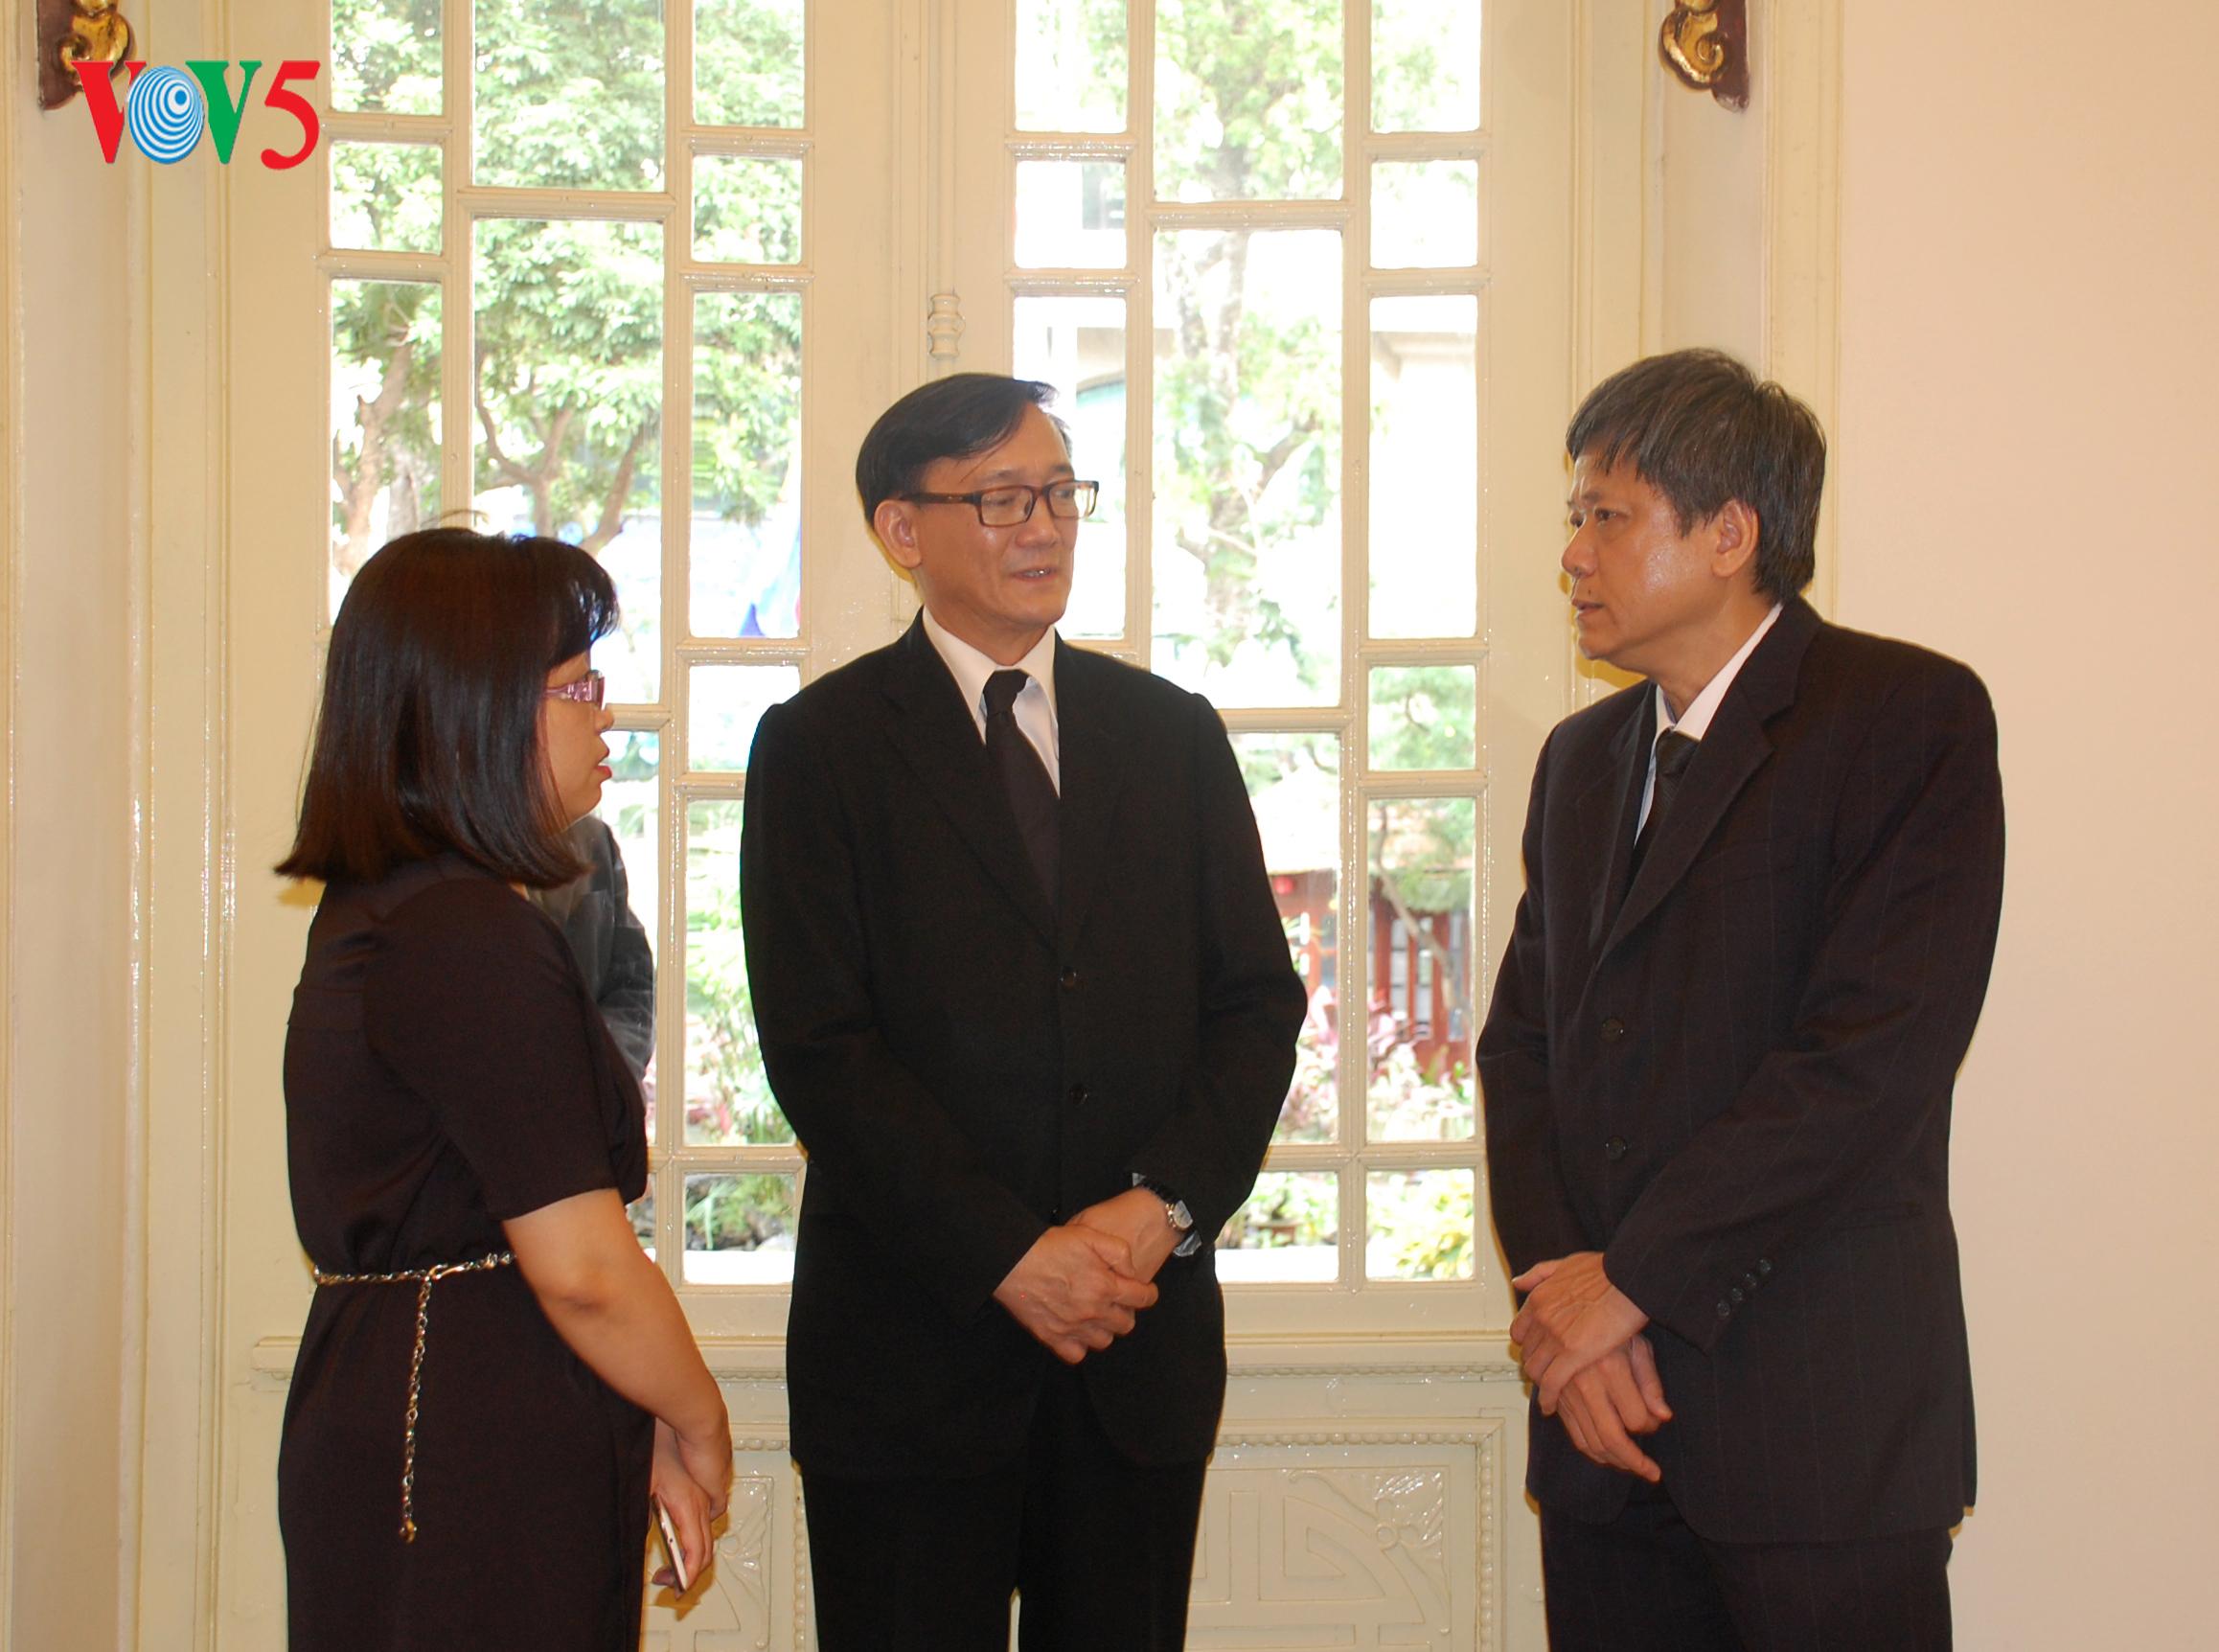 คณะผู้แทนสถานีวิทยุเวียดนามถวายอาลัยพระบาทสมเด็จปรมินทรมหาภูมิพลอดุลยเดช ณ กรุงฮานอย